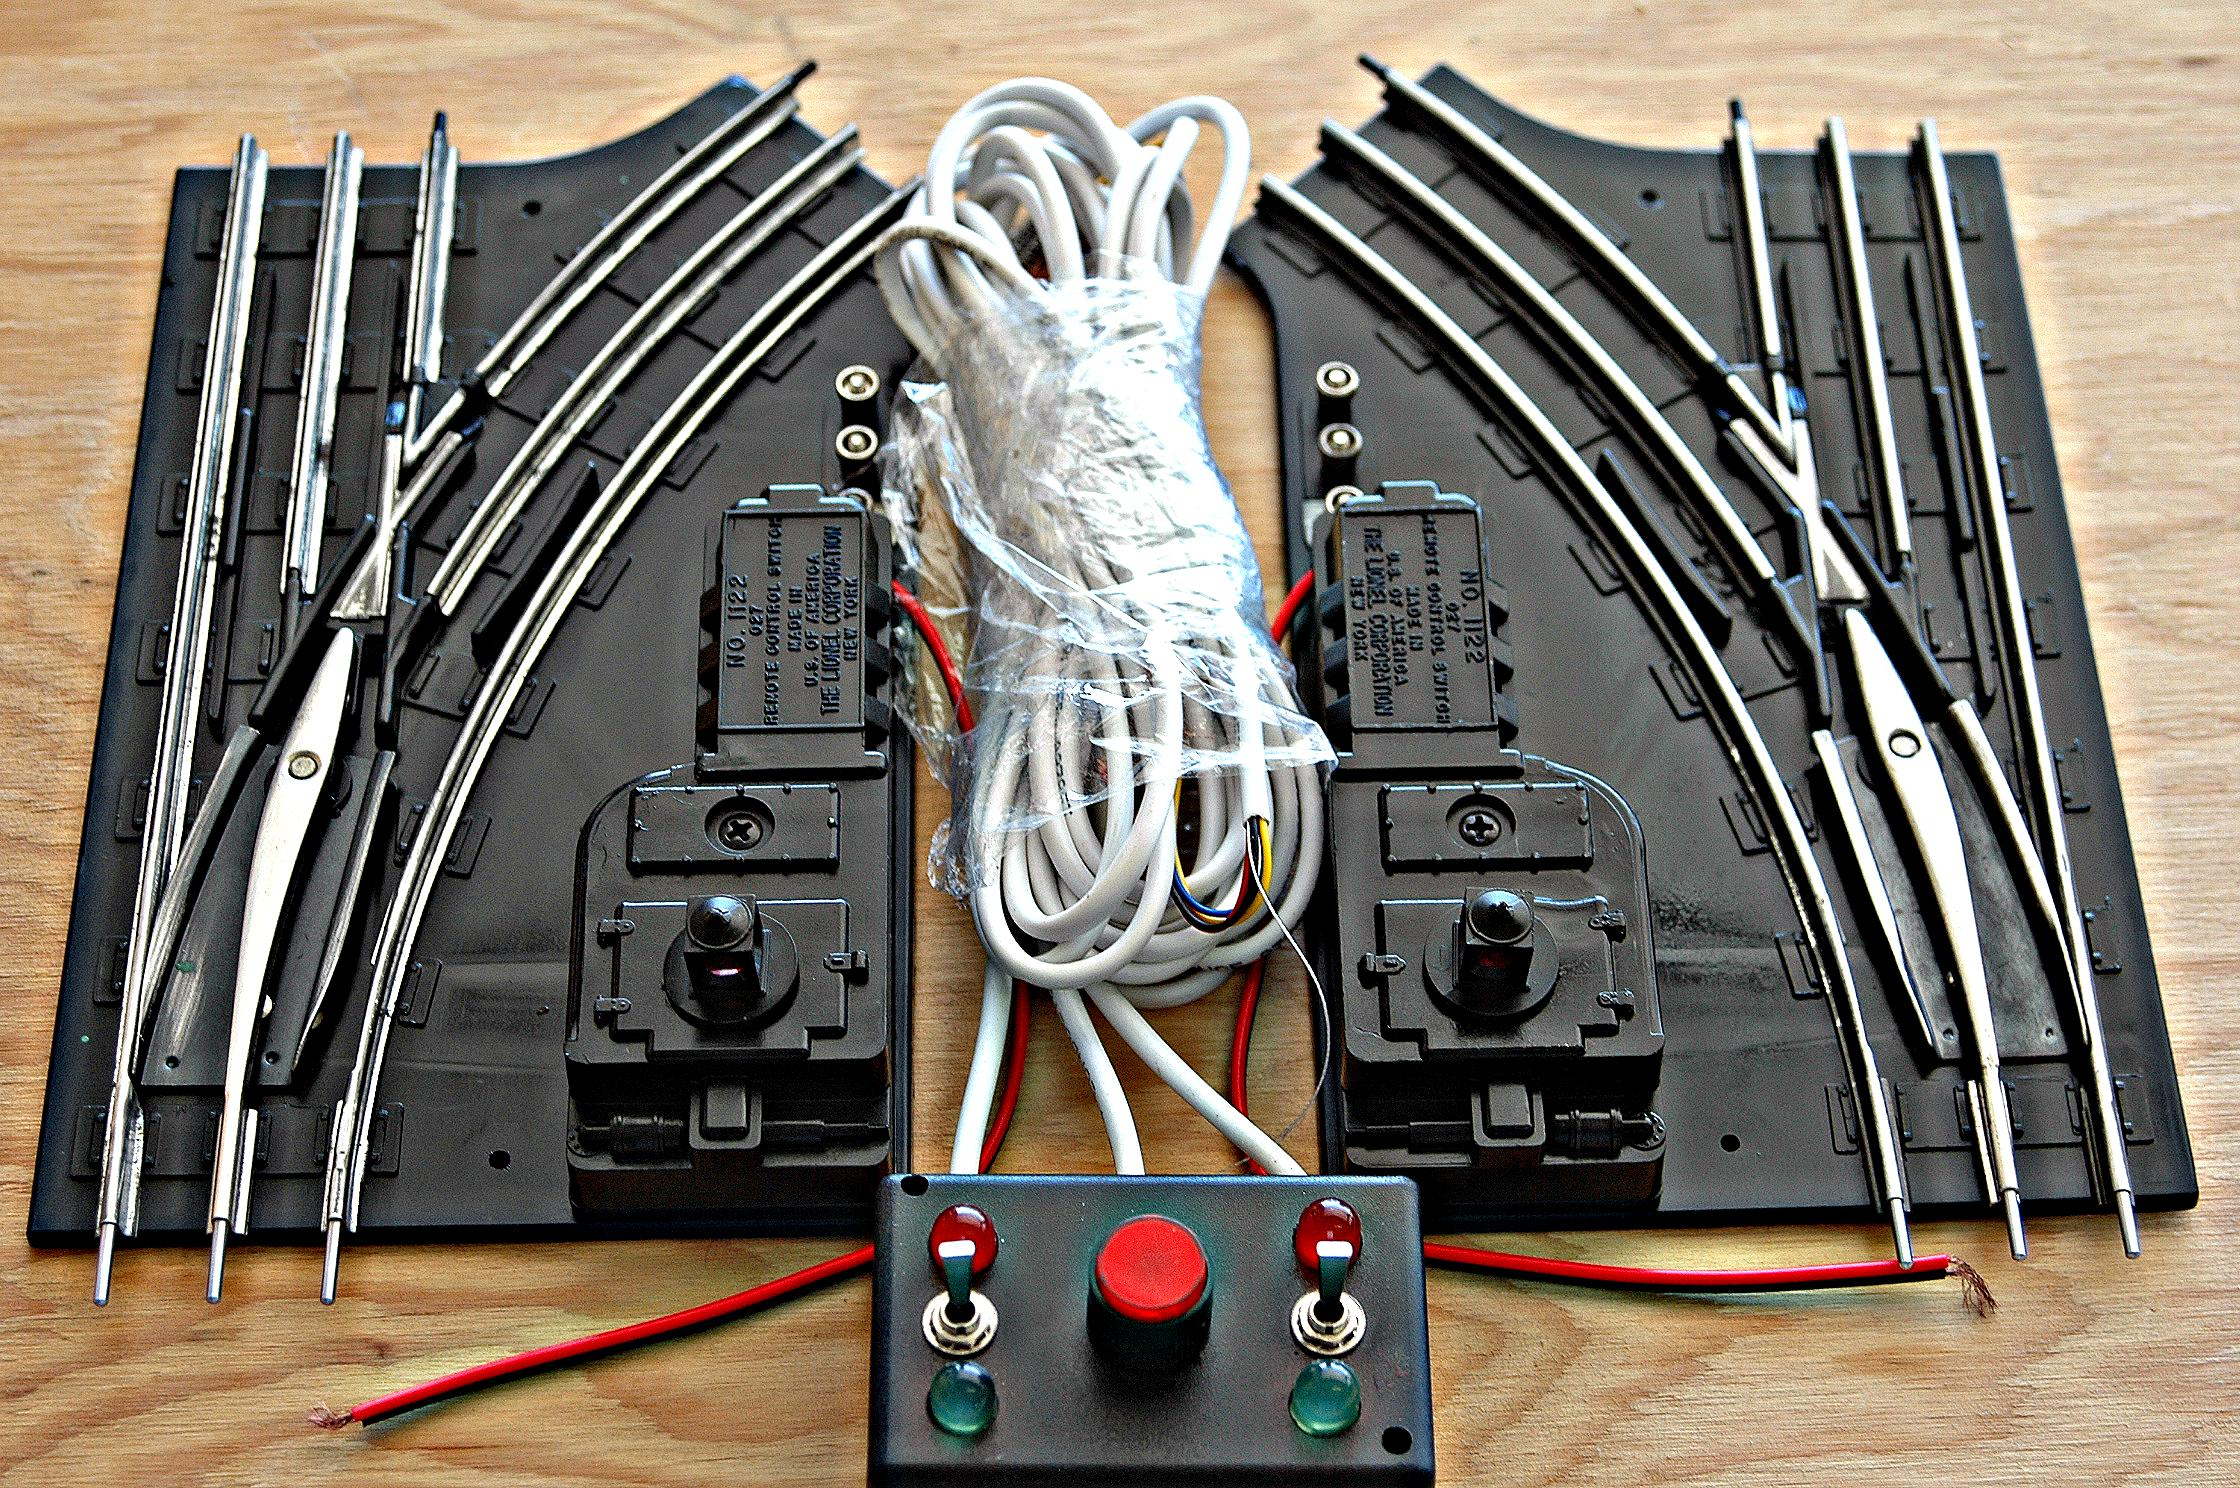 027 Switches – tinman3railtinman3rail